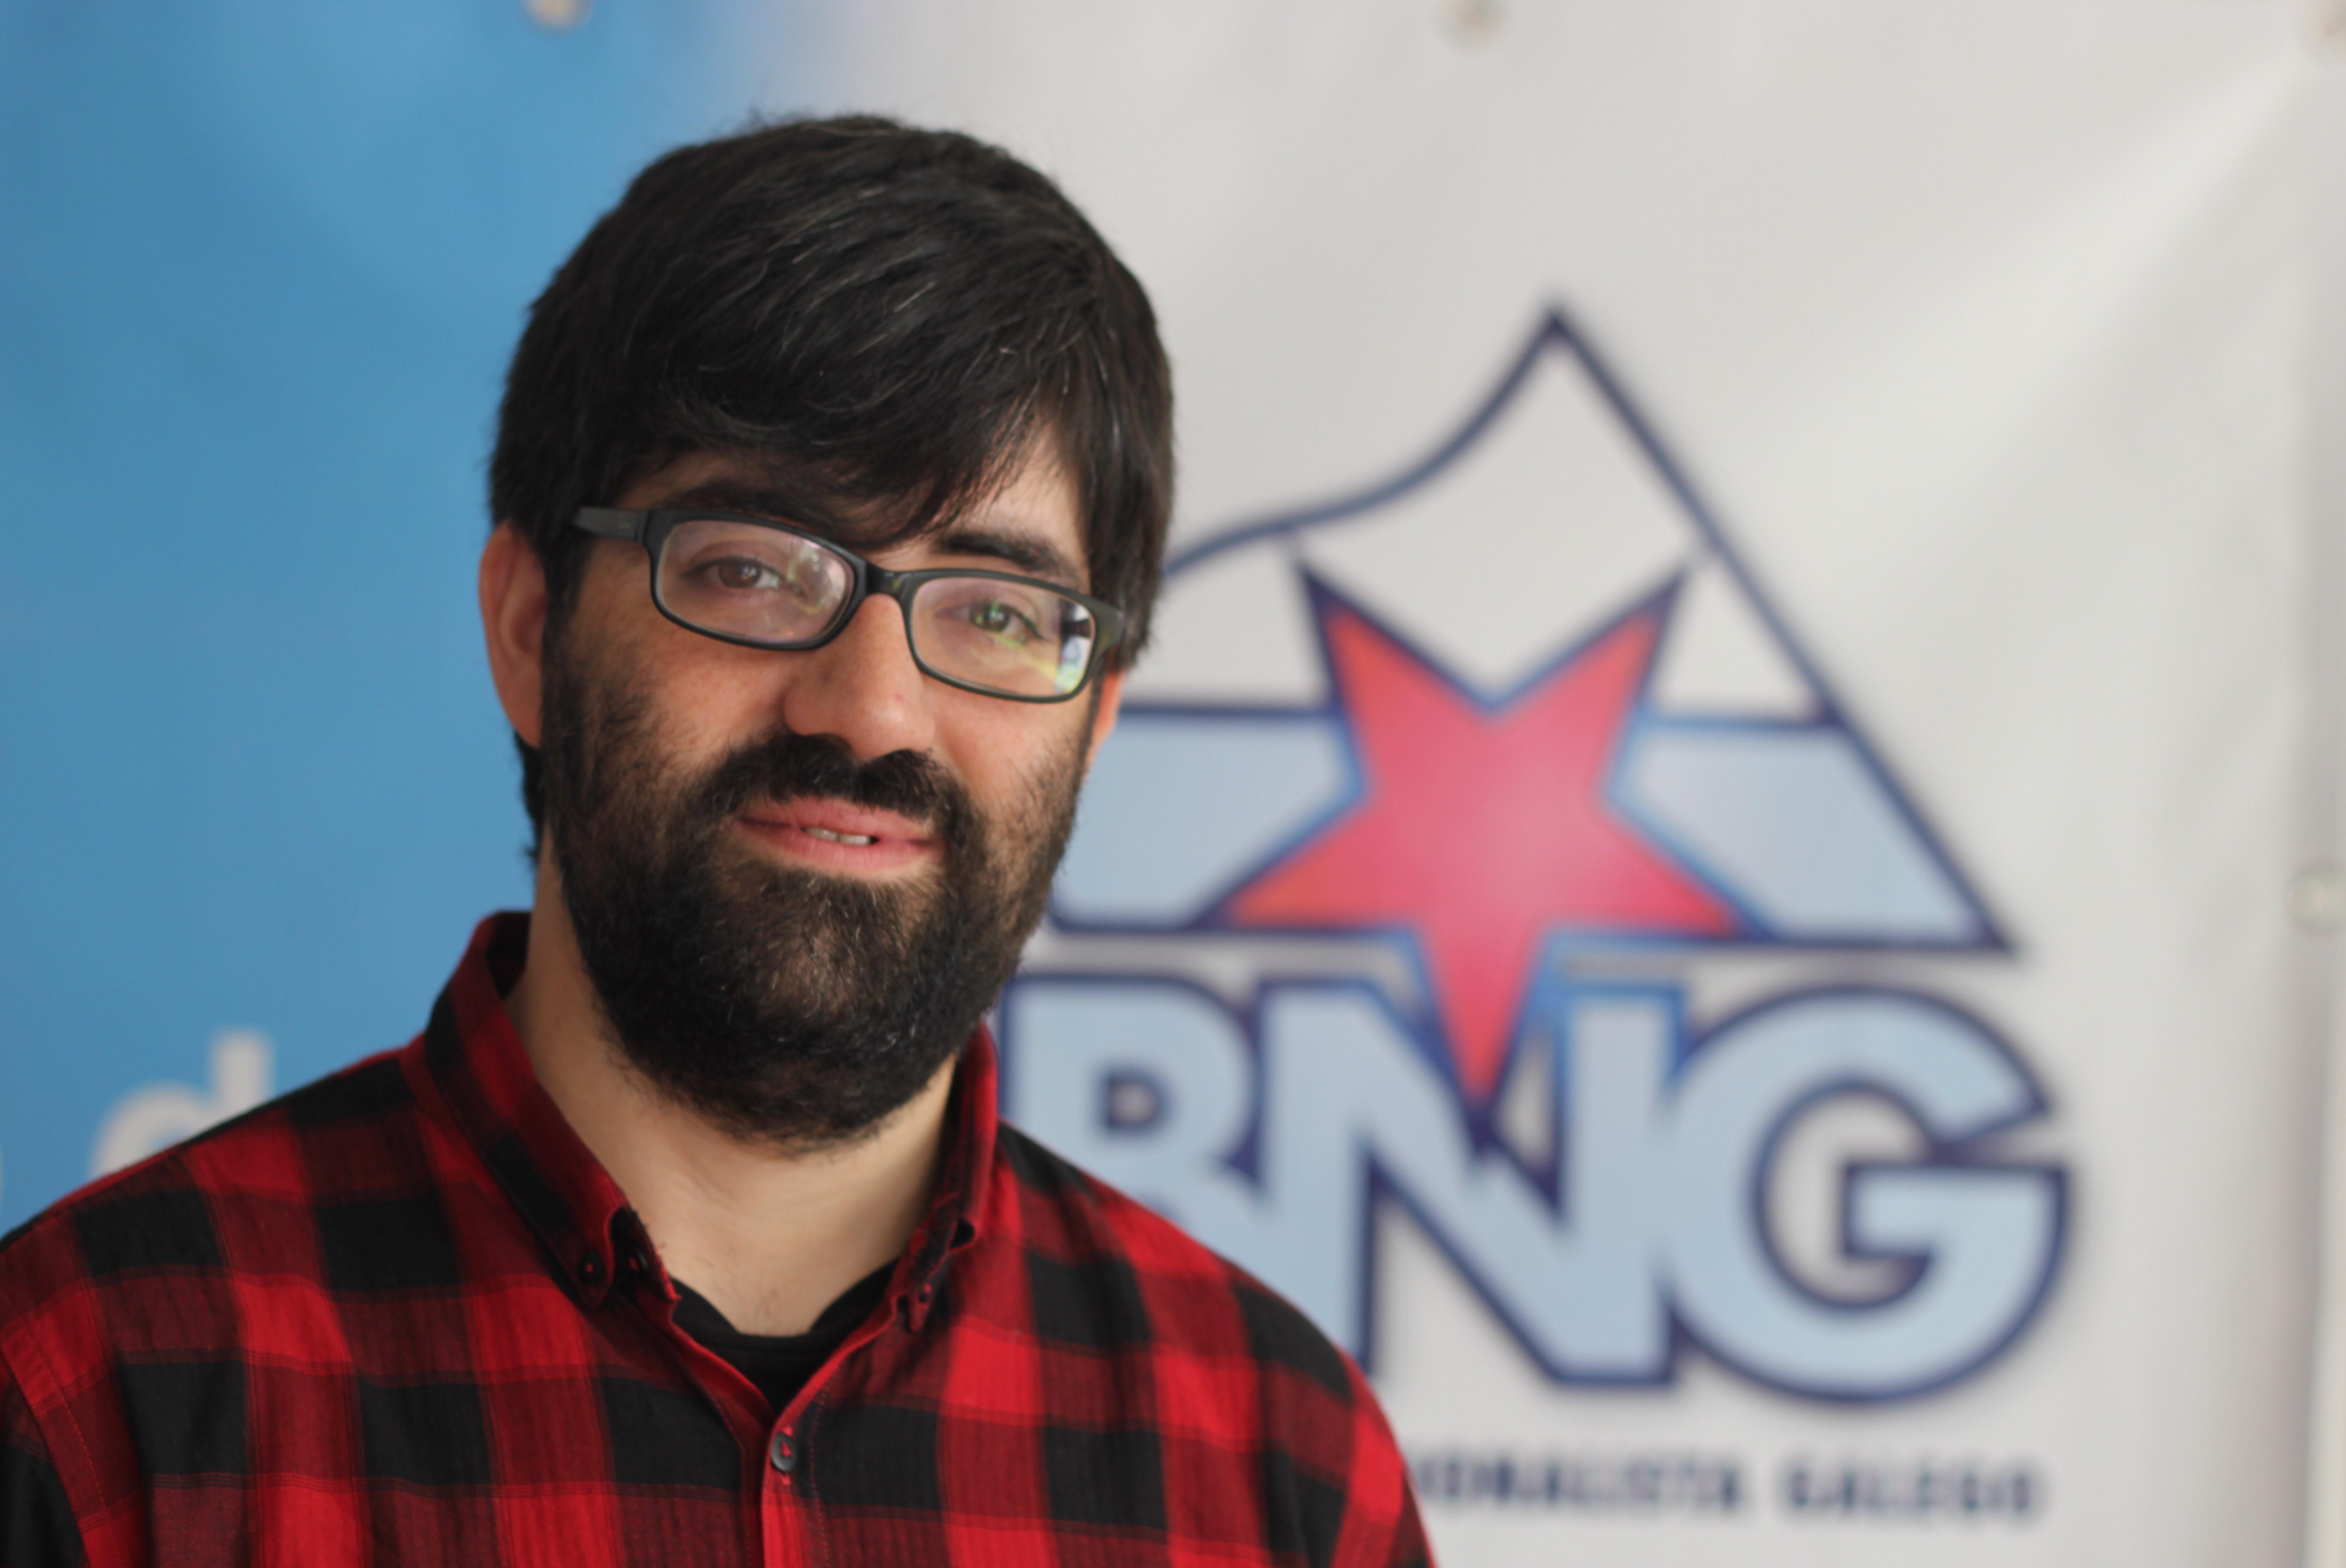 Entrevistas a los candidatos a la alcaldía: Fran Rei, candidato de BNG a la alcaldía de Oleiros